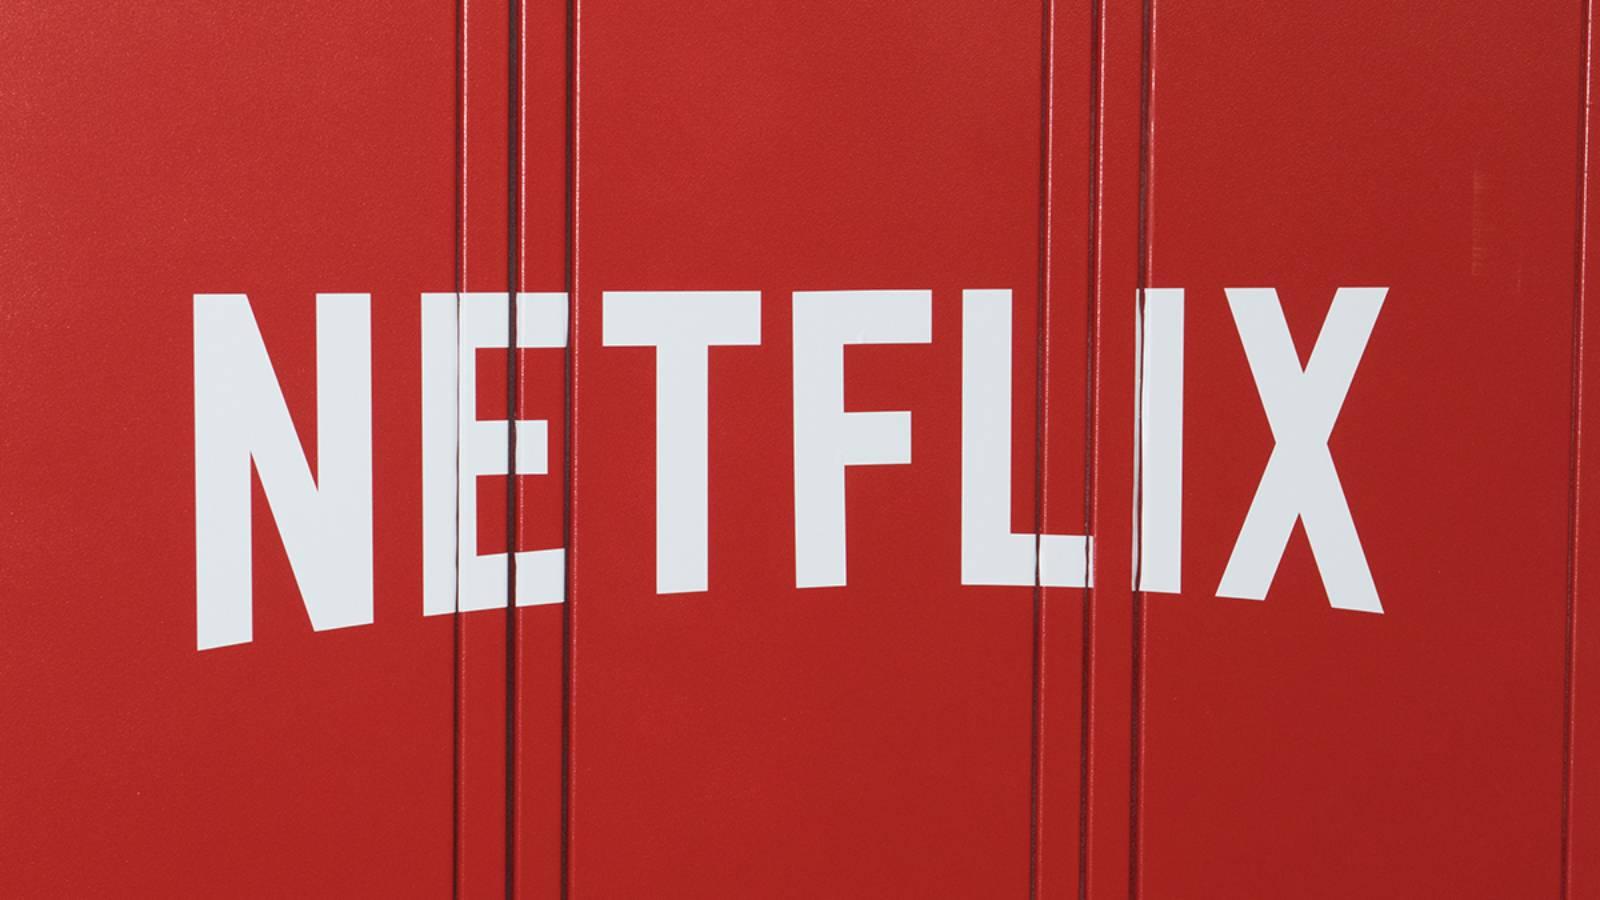 Netflix promisiunea romani